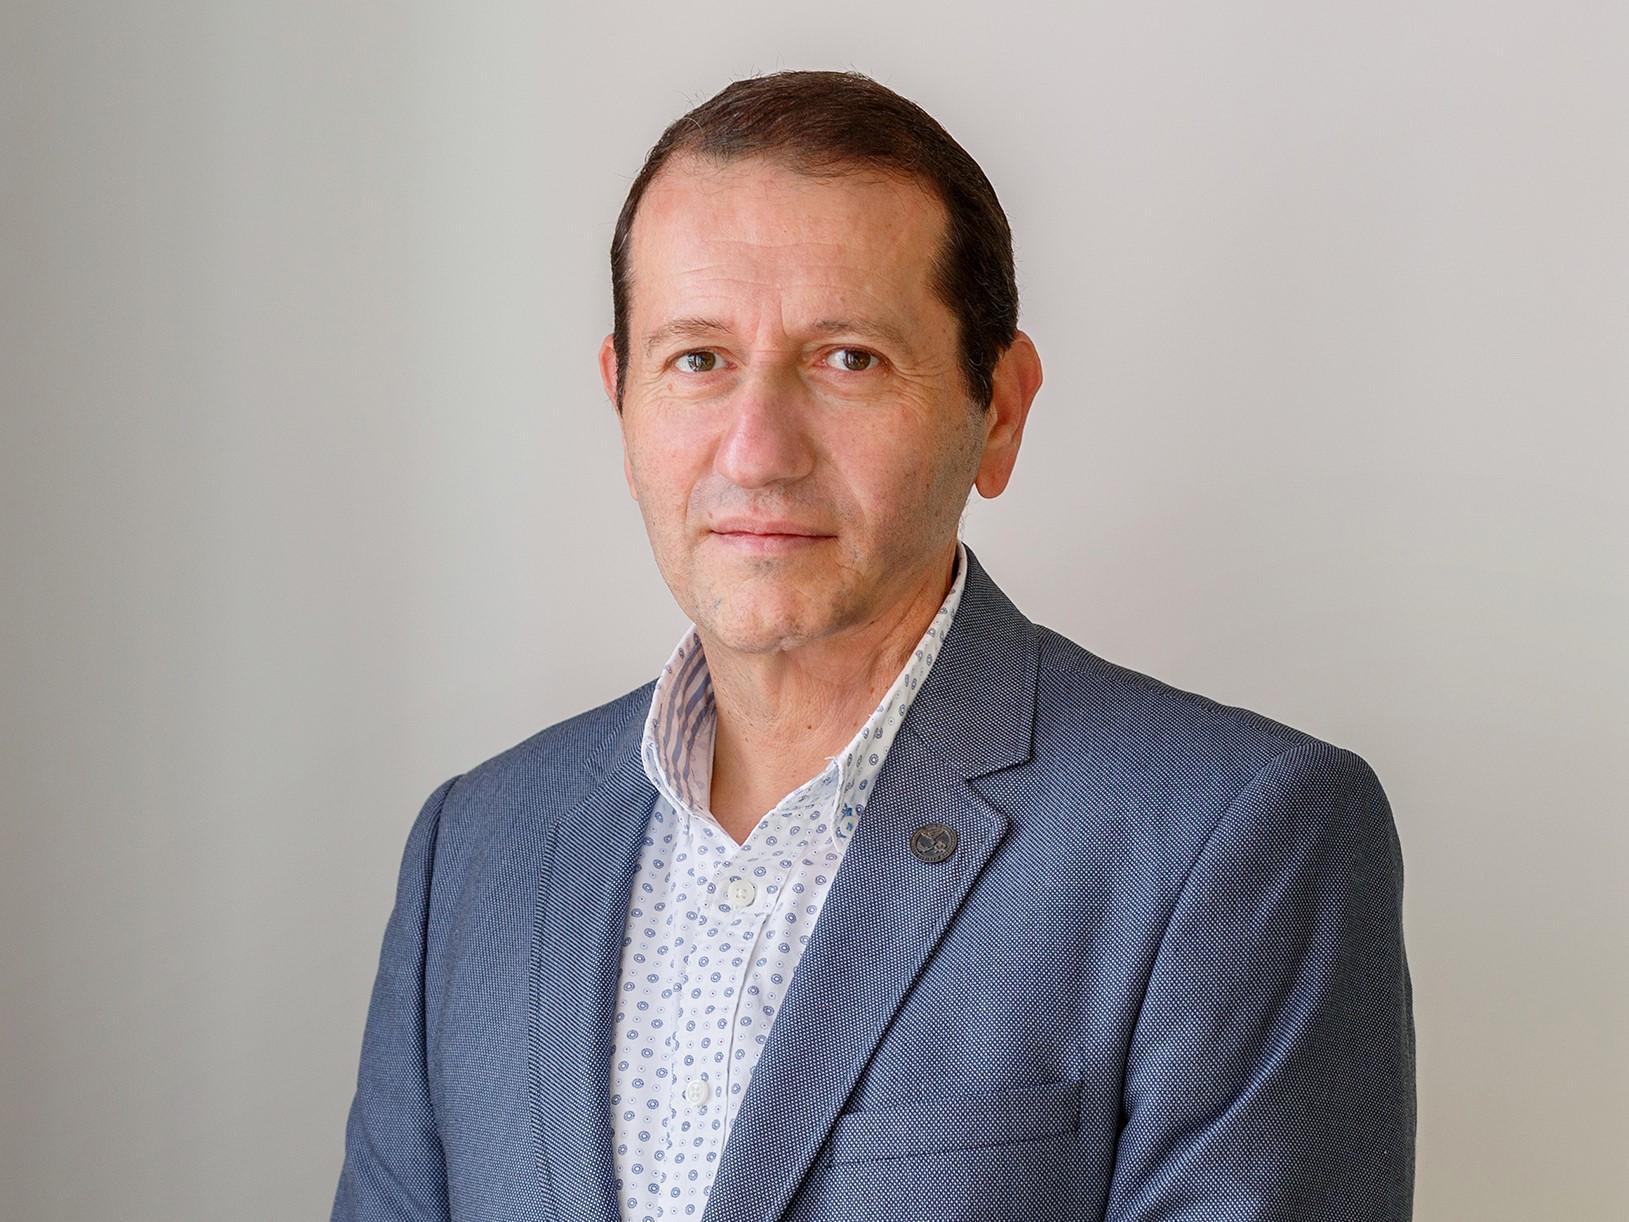 José Ignacio Piqueras